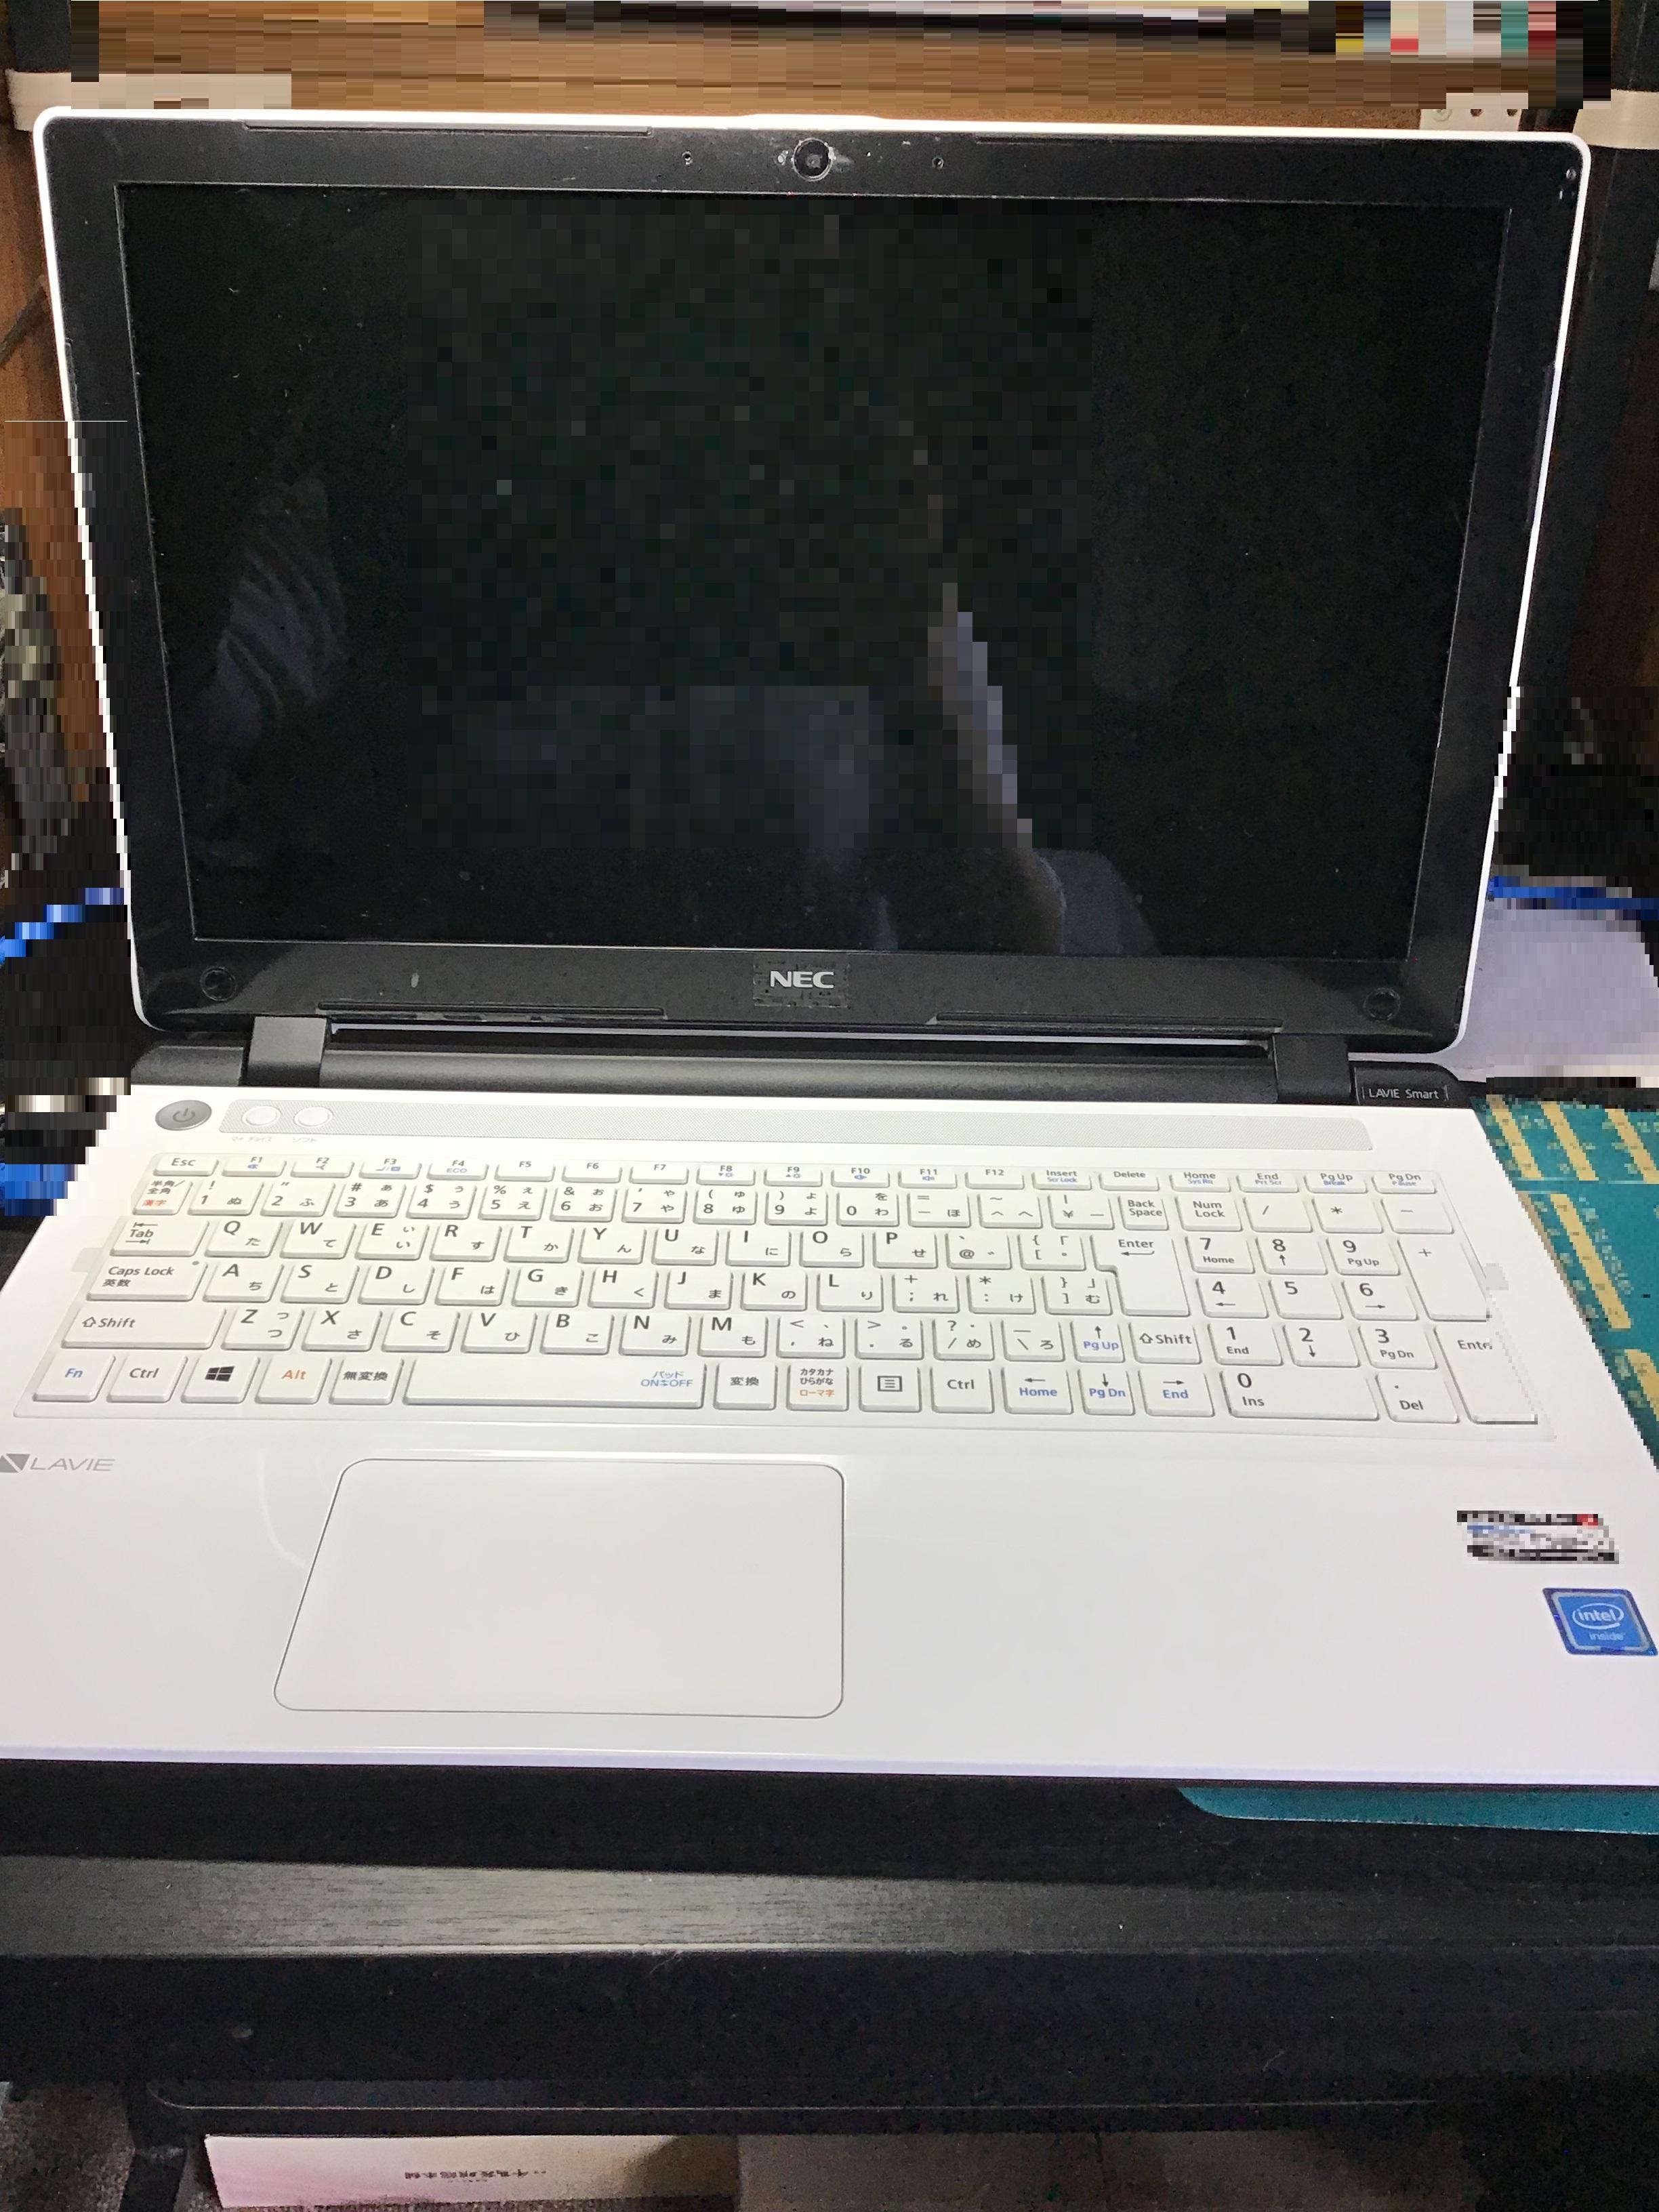 福岡県福岡市早良区 ノートパソコンが起動しない/NEC Windows 10のイメージ